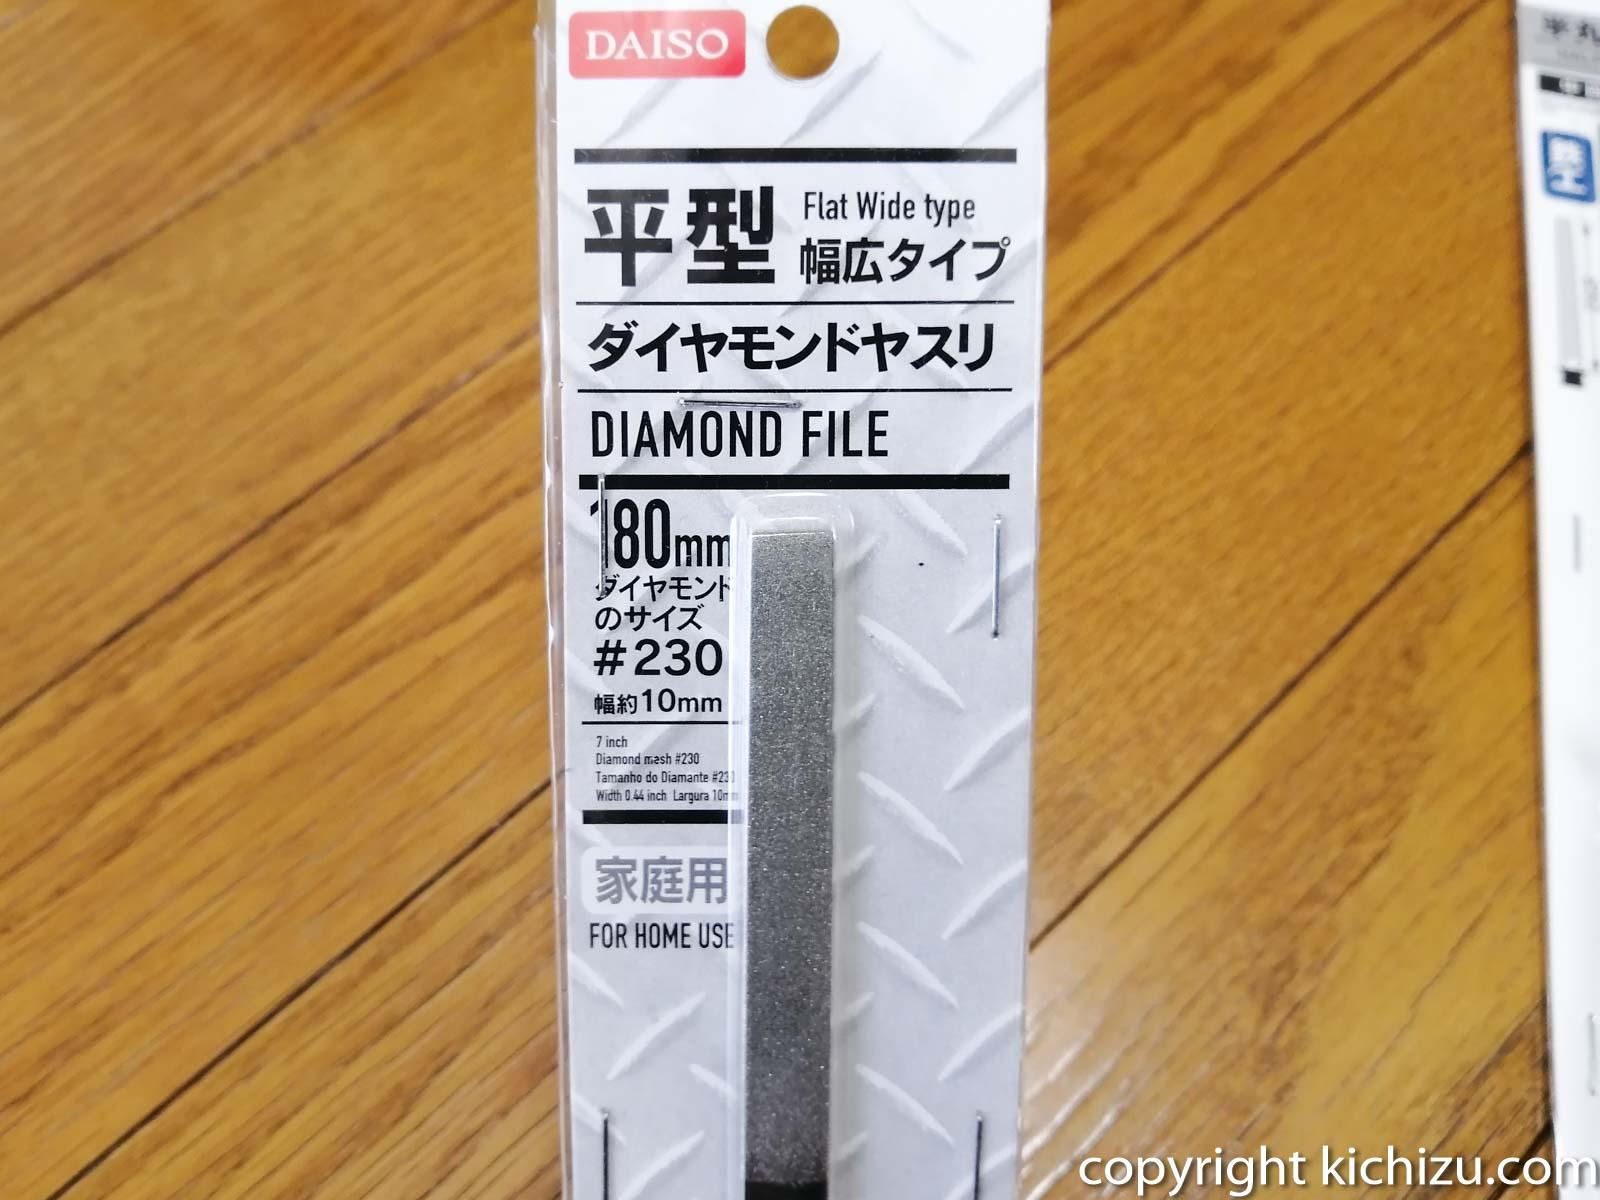 ダイヤモンドやすりのパッケージ